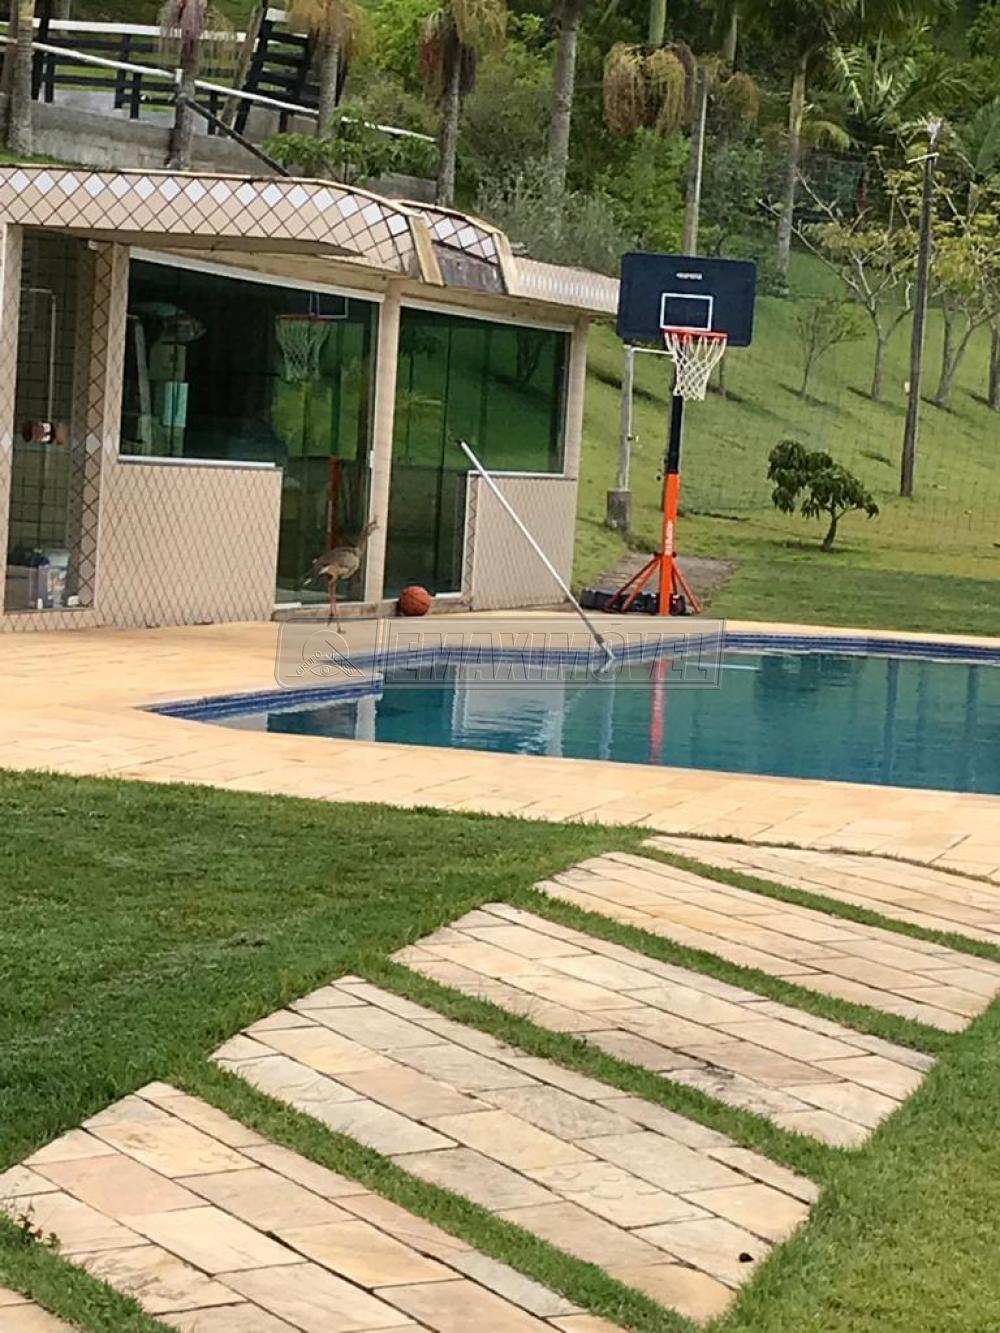 Comprar Propriedade Rural / Sítio em Piedade R$ 2.750.000,00 - Foto 19